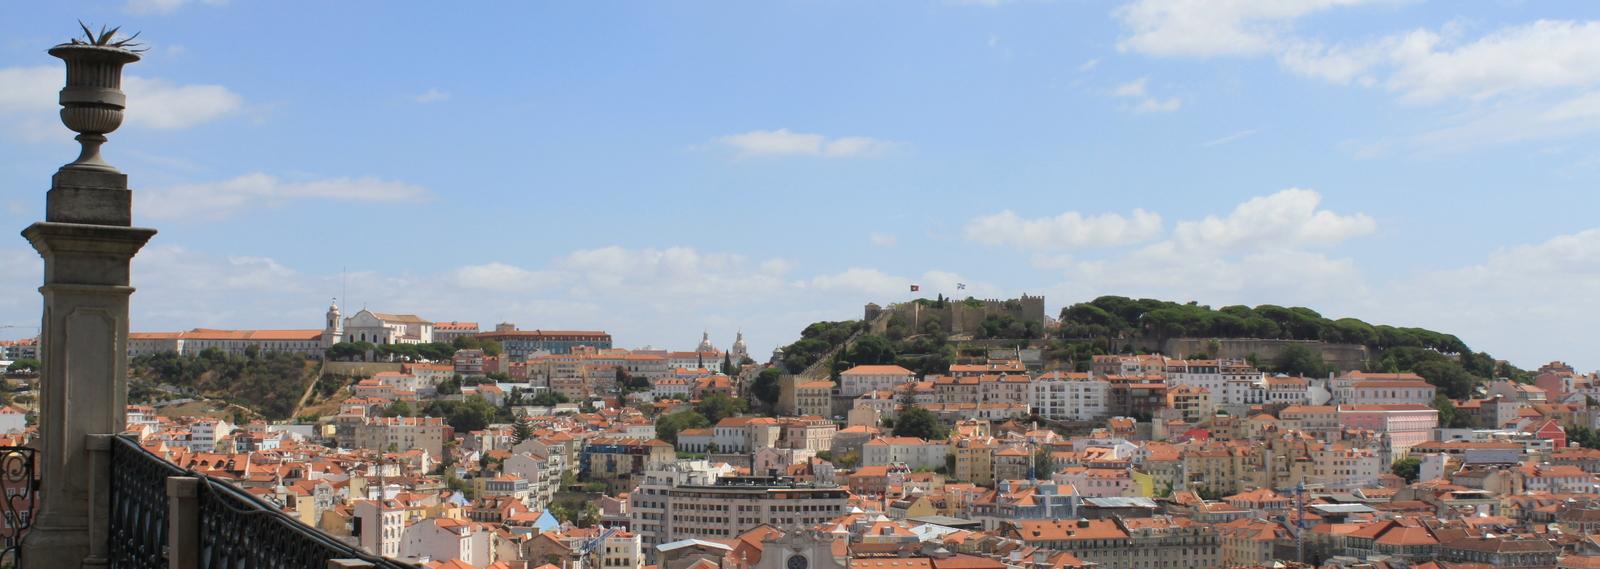 Lisbon, Miradouro de Sao Pedro de Alcantara